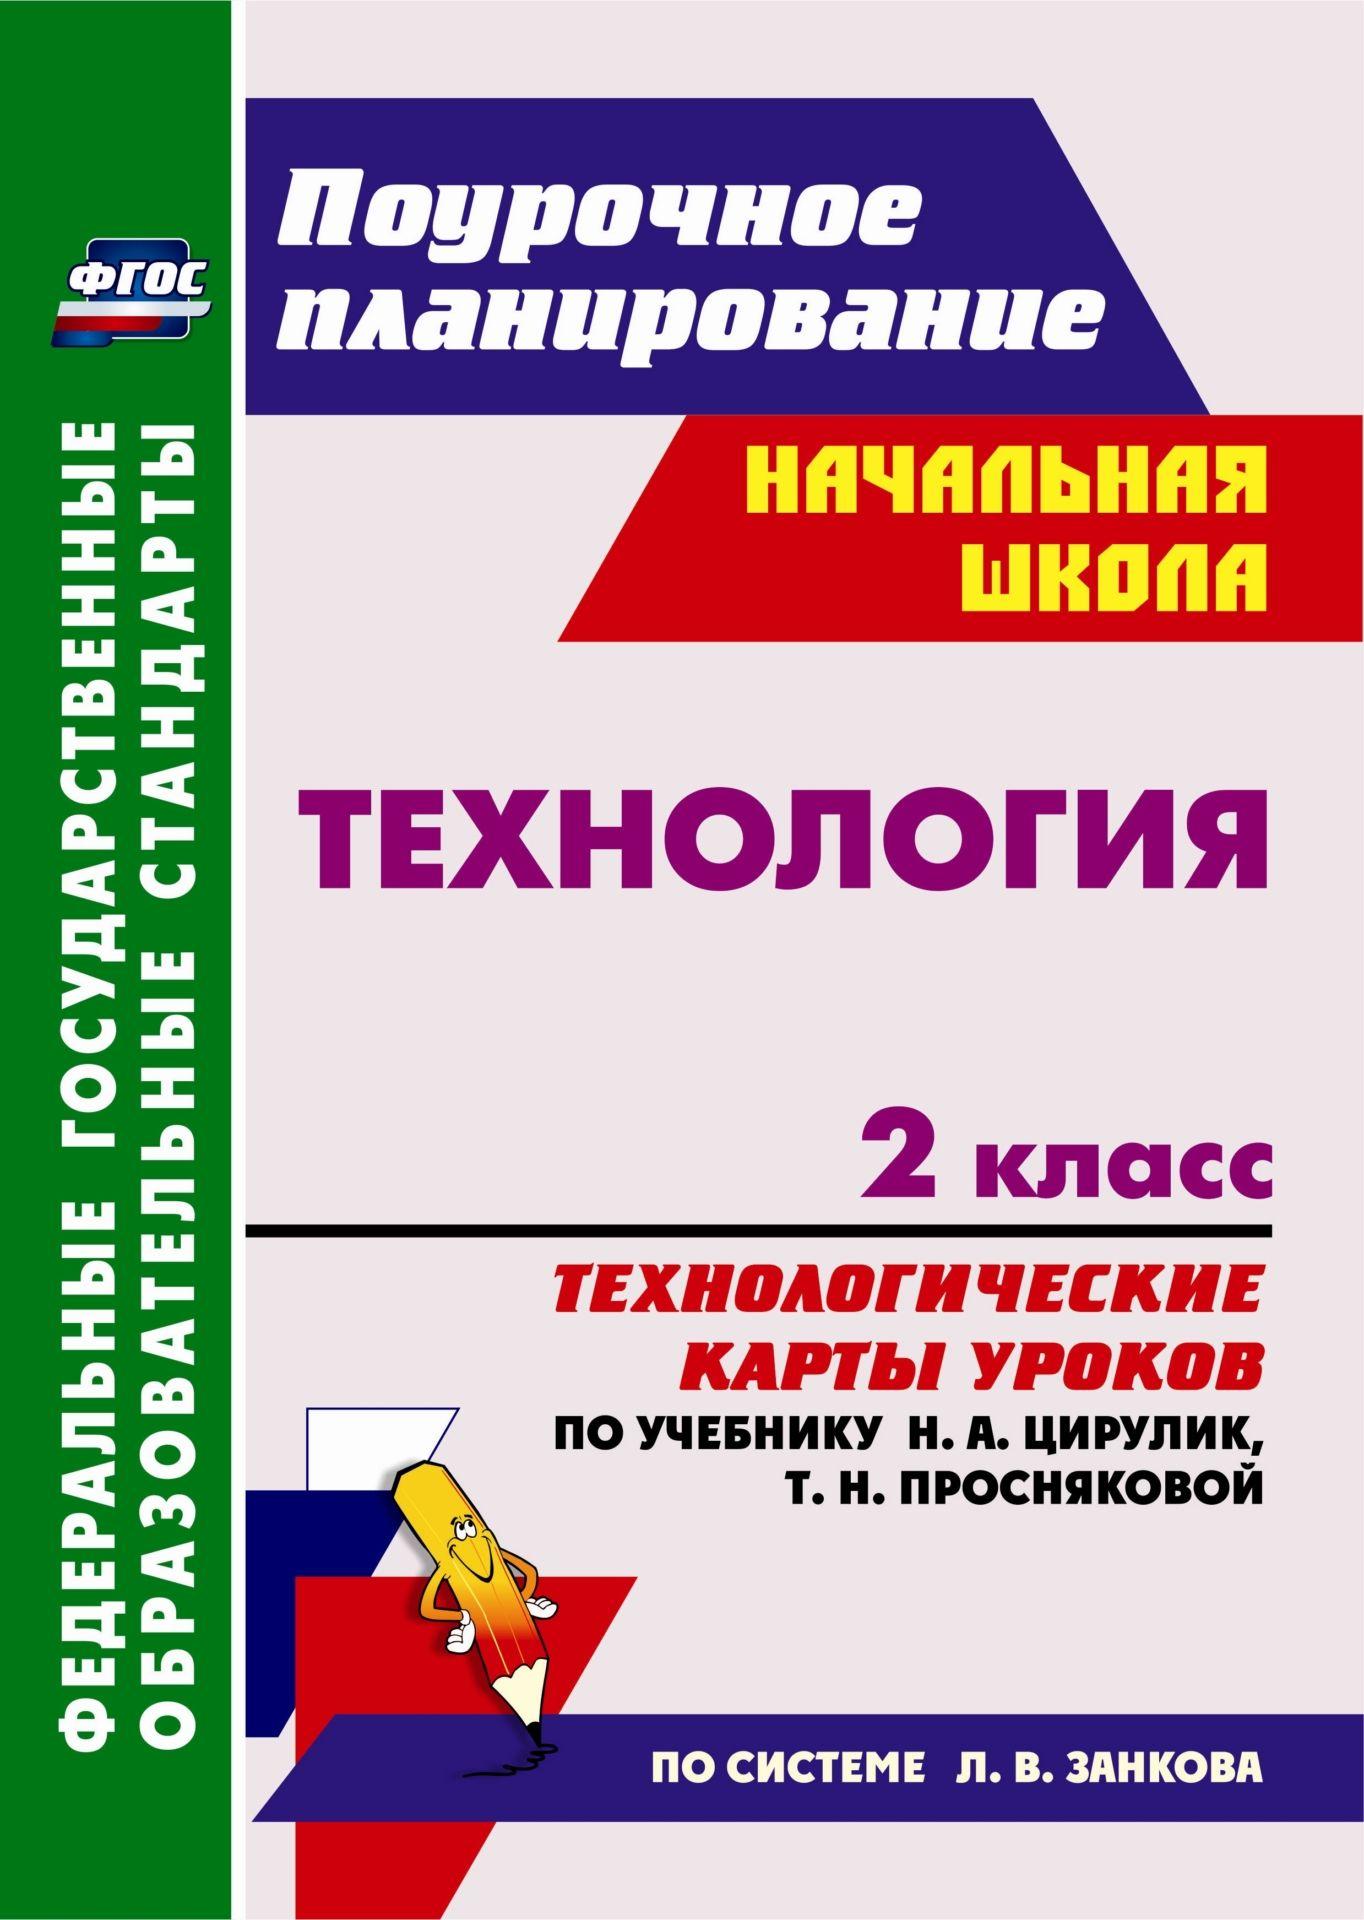 Технология. 2 класс: технологические карты уроков по учебнику Н. А. Цирулик, Т. Н. Просняковой